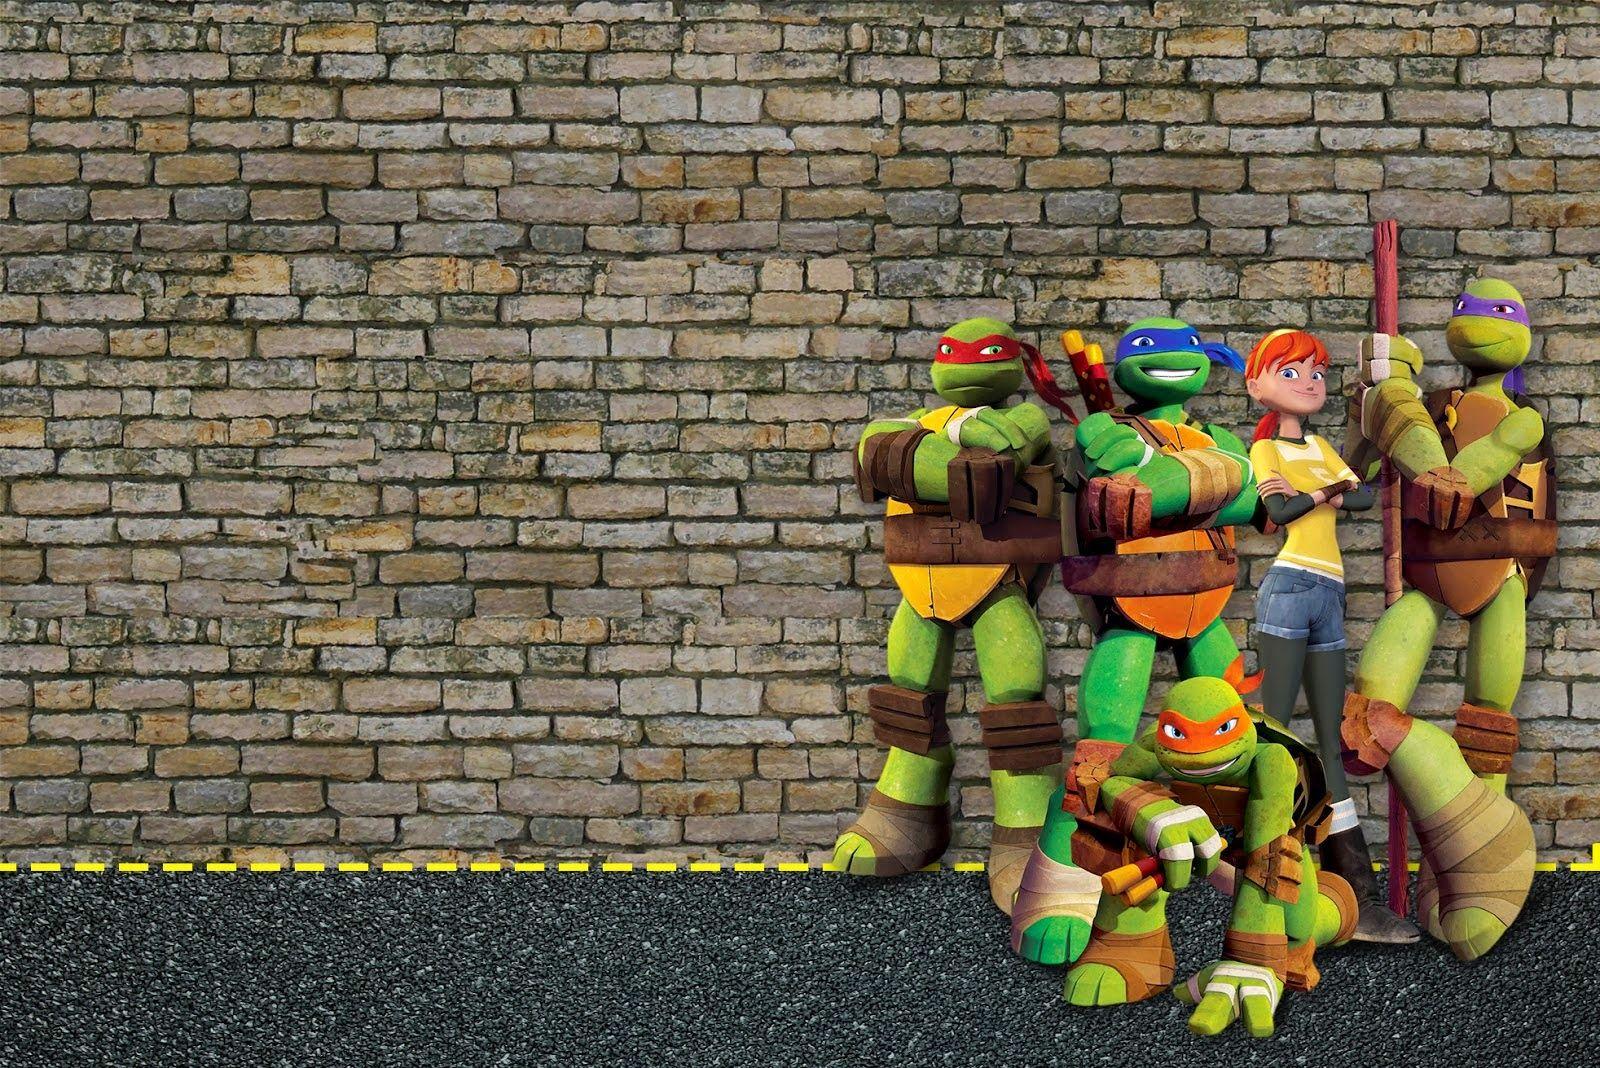 Ninja Turtles Party Invitations Template4 | Invitations | Pinterest ...